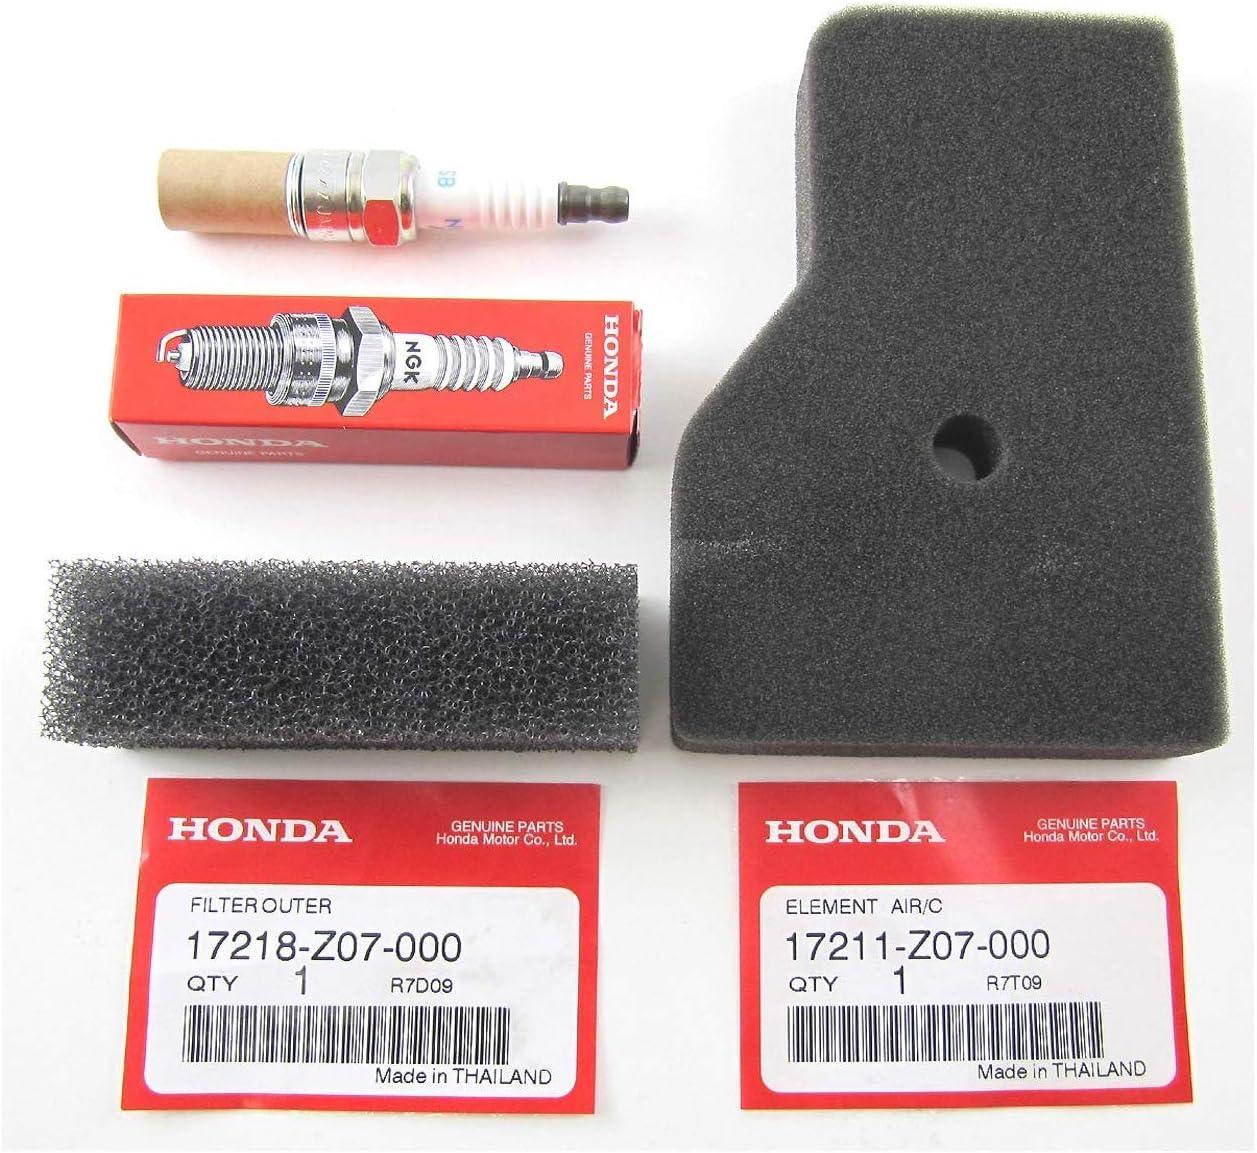 Part4less Genuine Honda OEM Parts, EU2000i Generator, Maintenance Tune Up Kit, Filters, Spark Plug, Fits Honda EU2000i, EU2000i Companion and EU2000i Camo.and EU2200i Series Generators